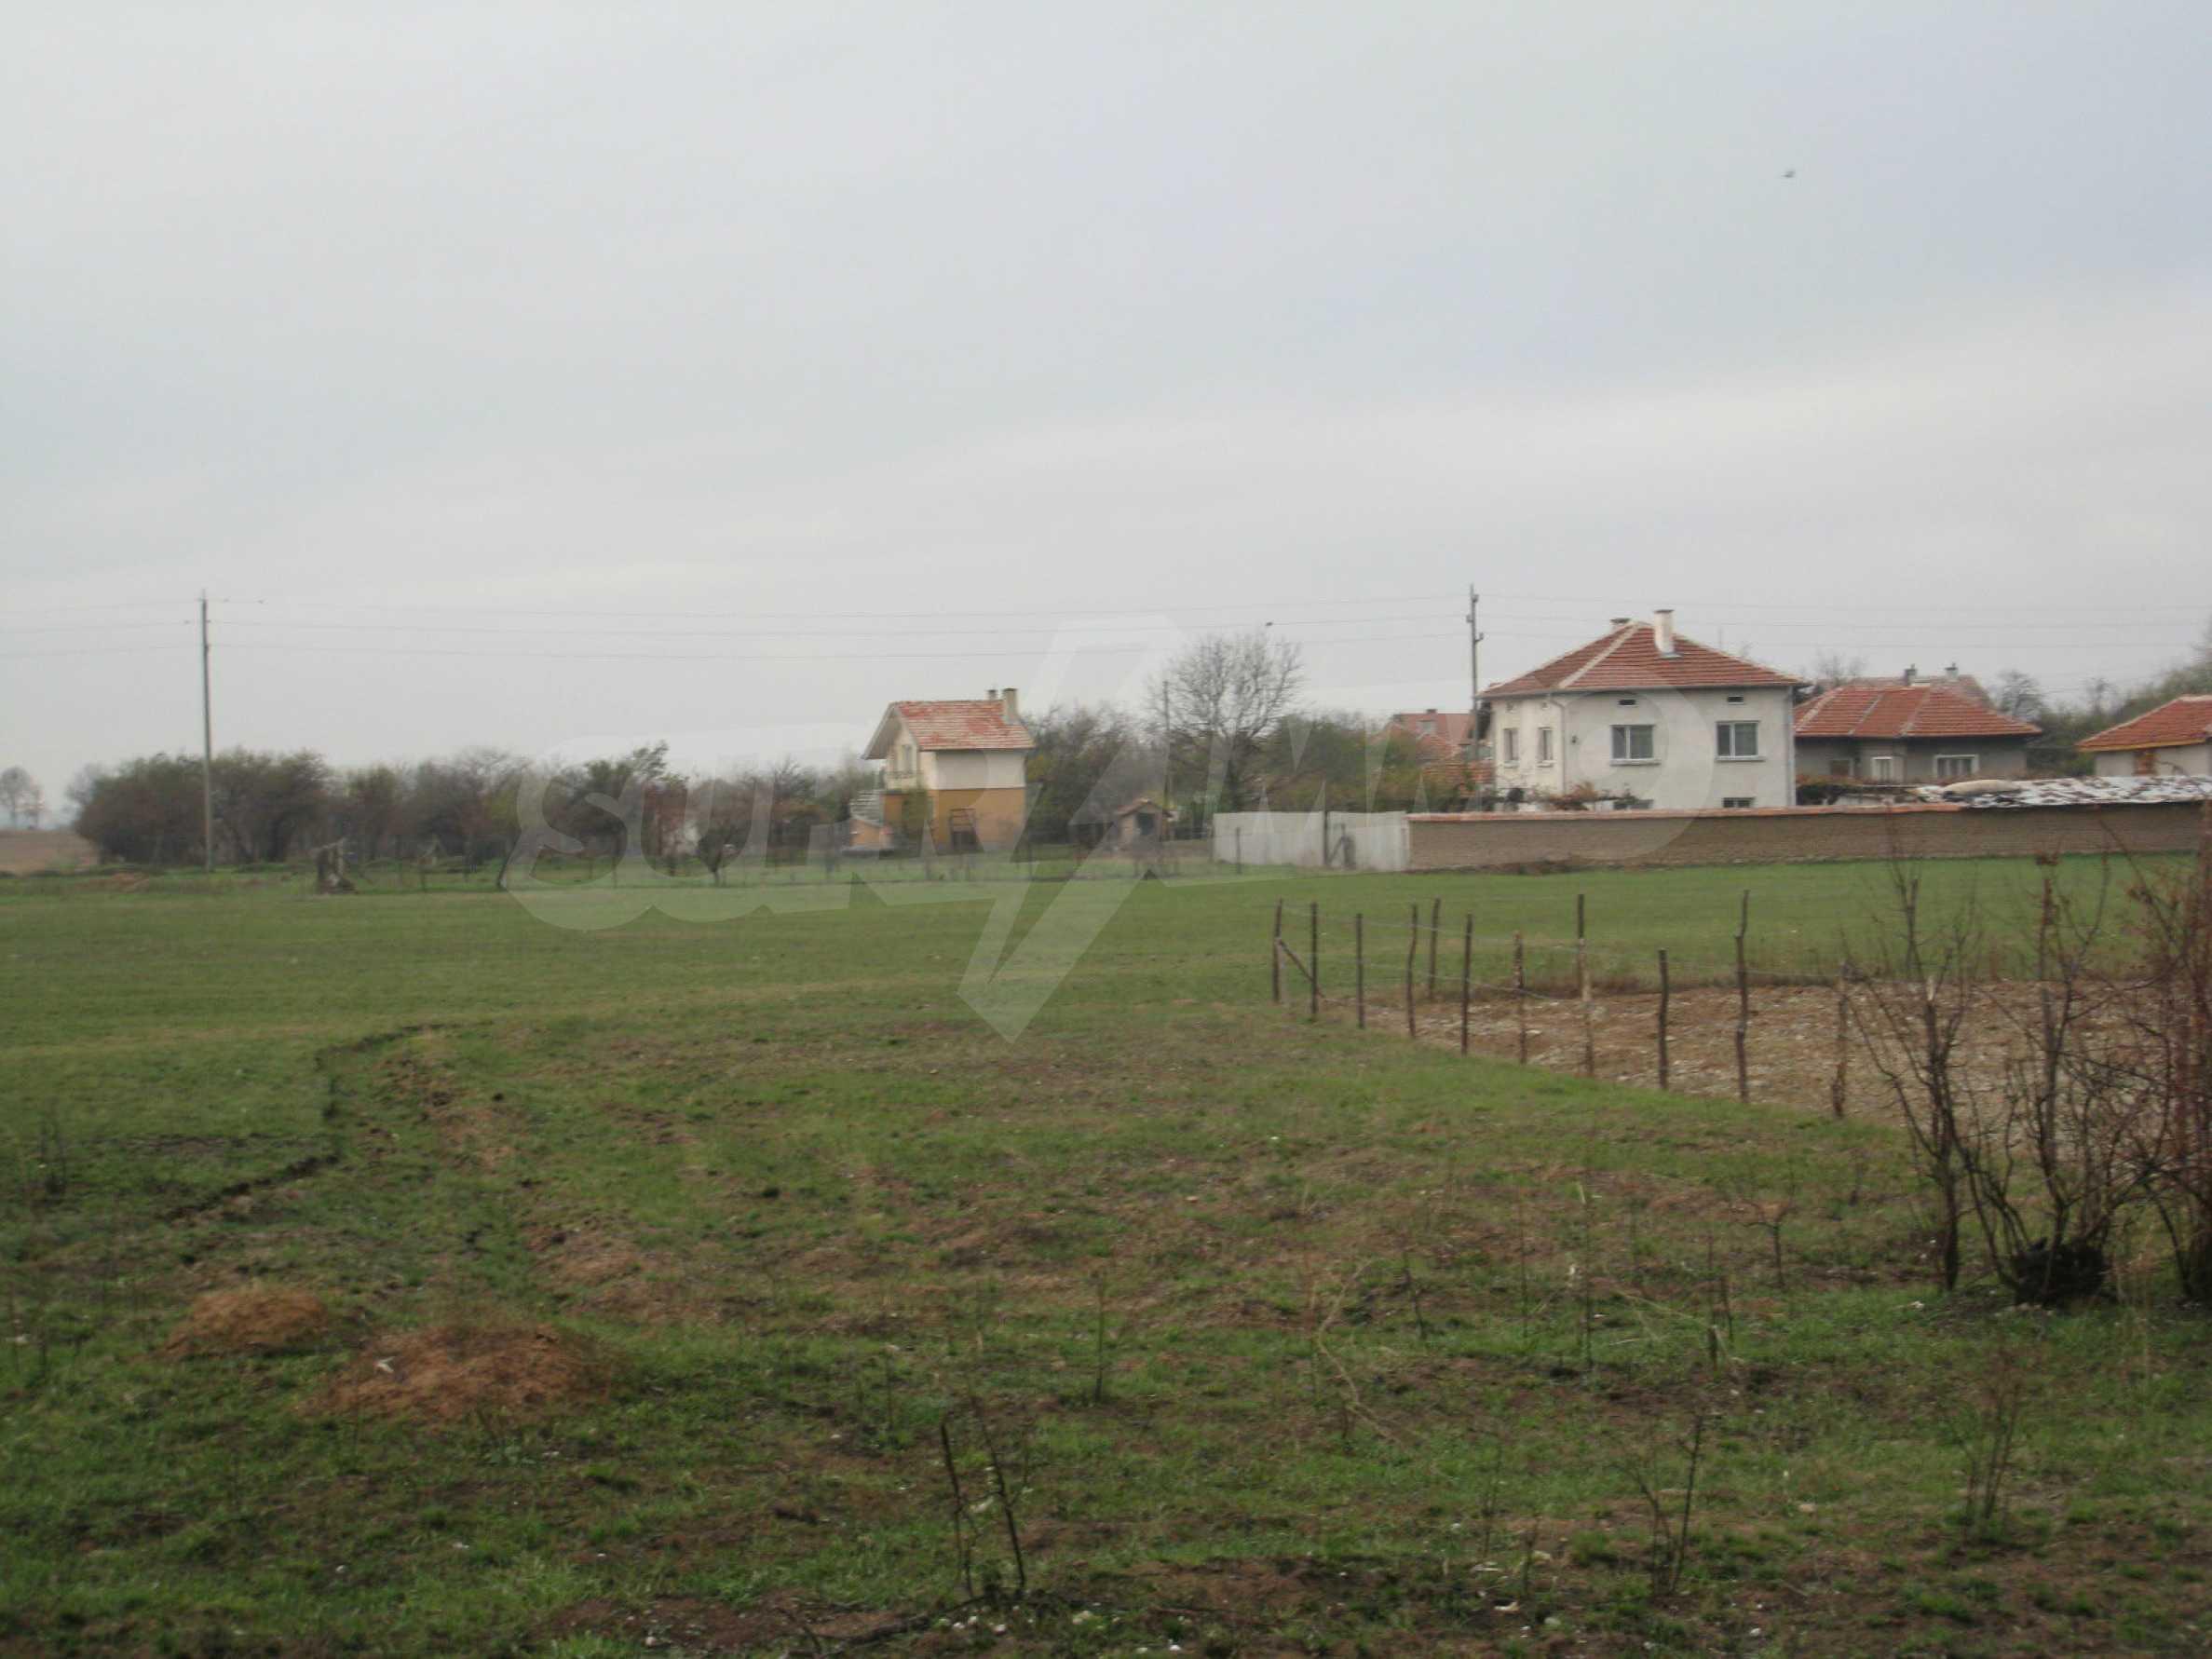 Solides dreistöckiges Gebäude (ehemalige Mühle) mit Hof in der Nähe von Elin Pelin 9